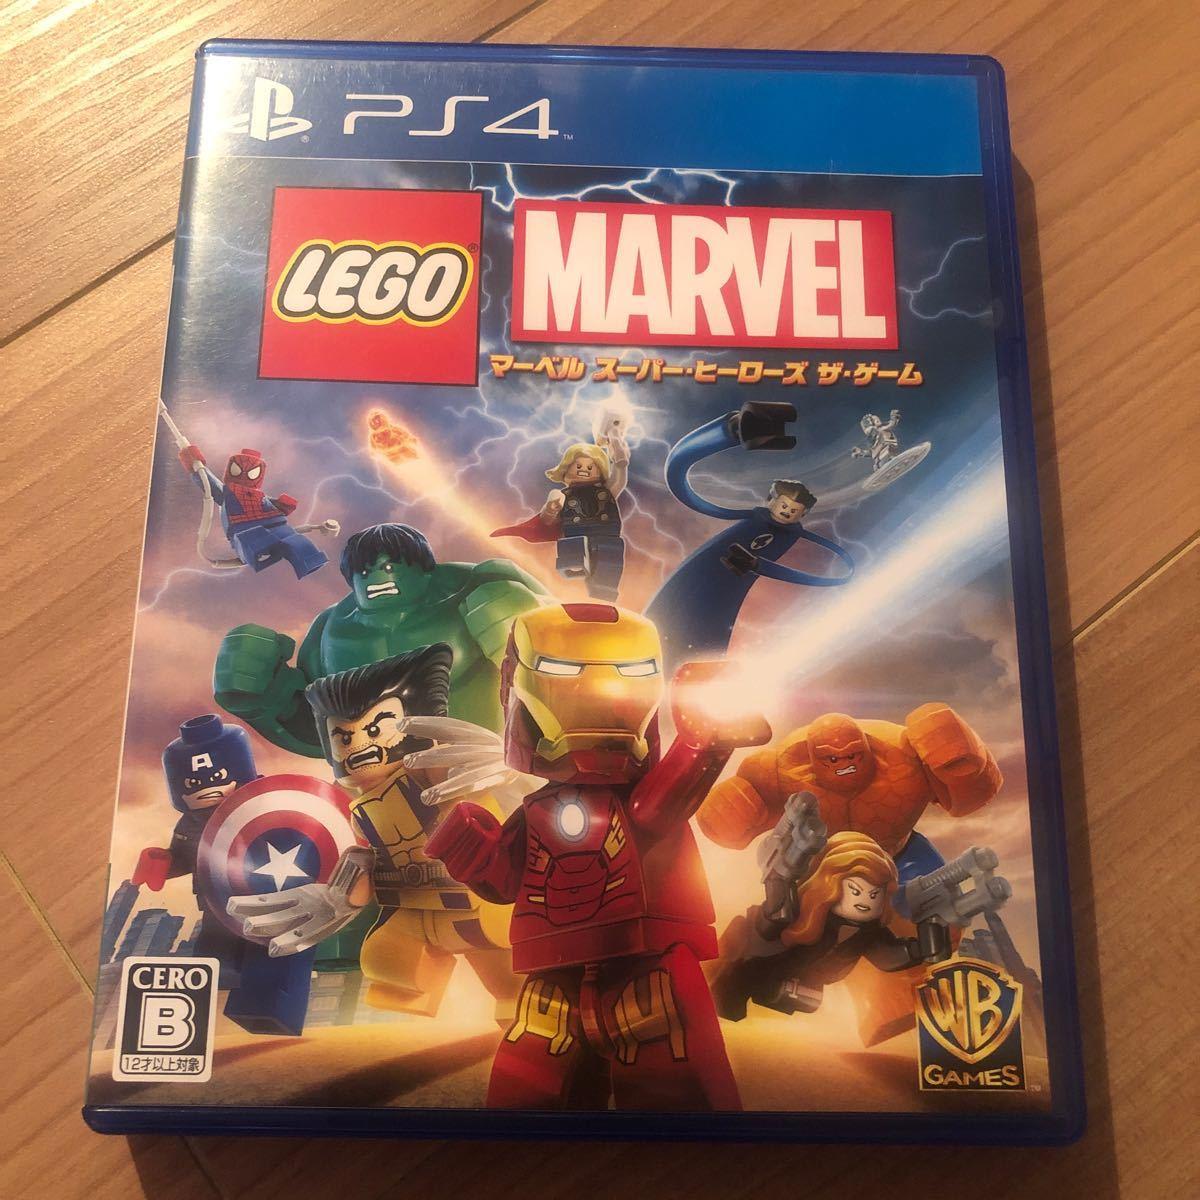 【PS4】 LEGO マーベル スーパー・ヒーローズ ザ・ゲーム